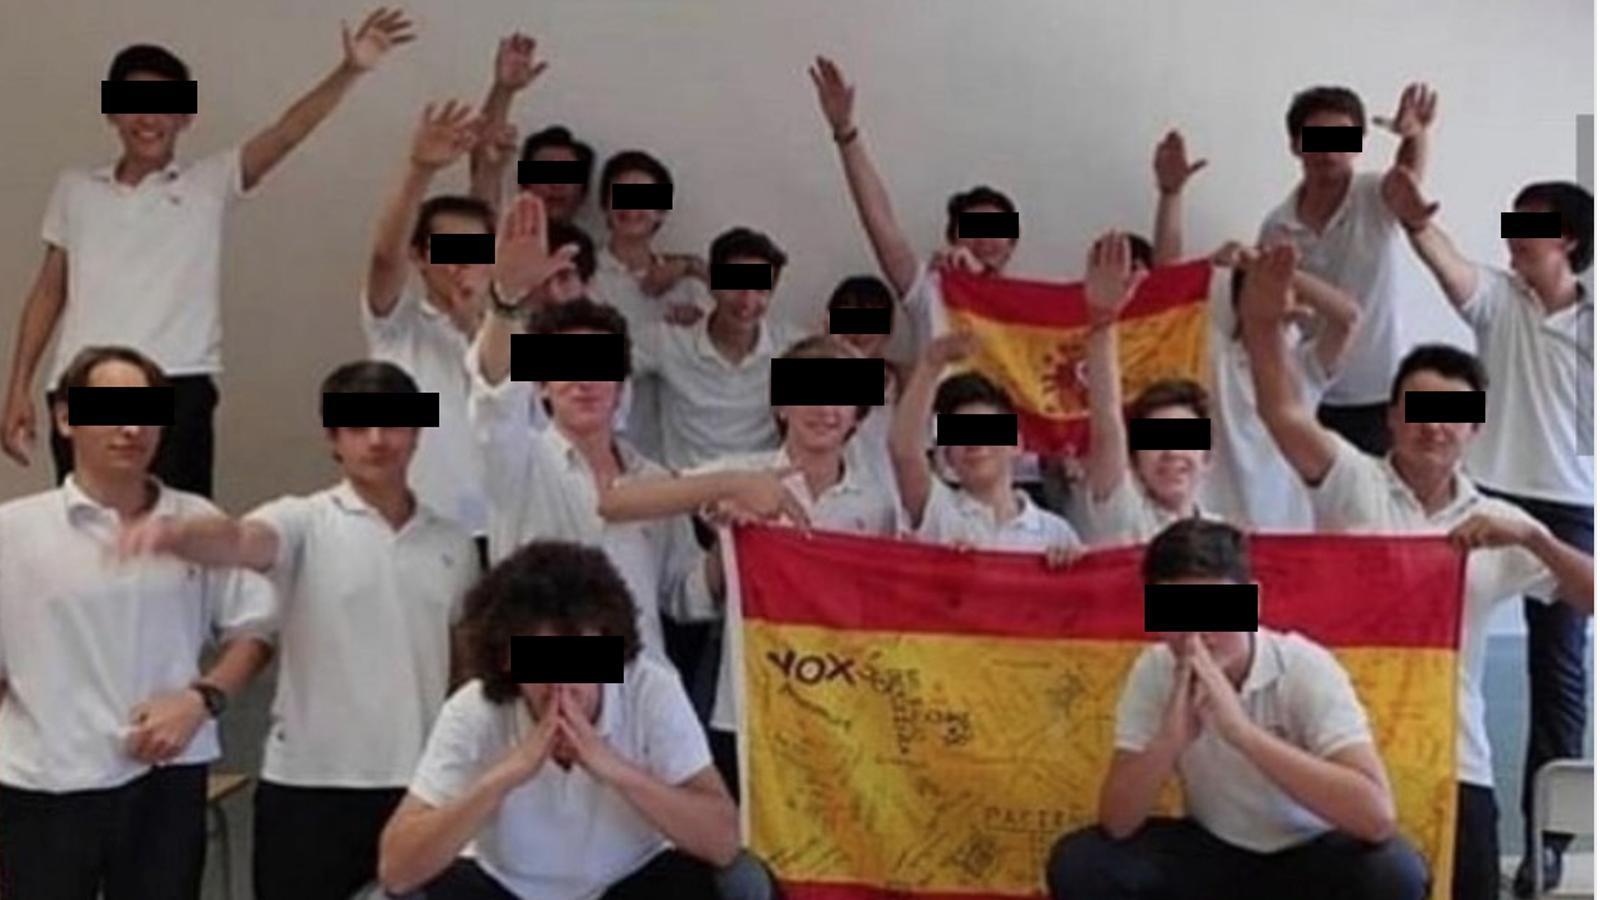 Alumnes del col·legi Llaüt de Palma fan la salutació feixista darrere de dues banderes d'Espanya